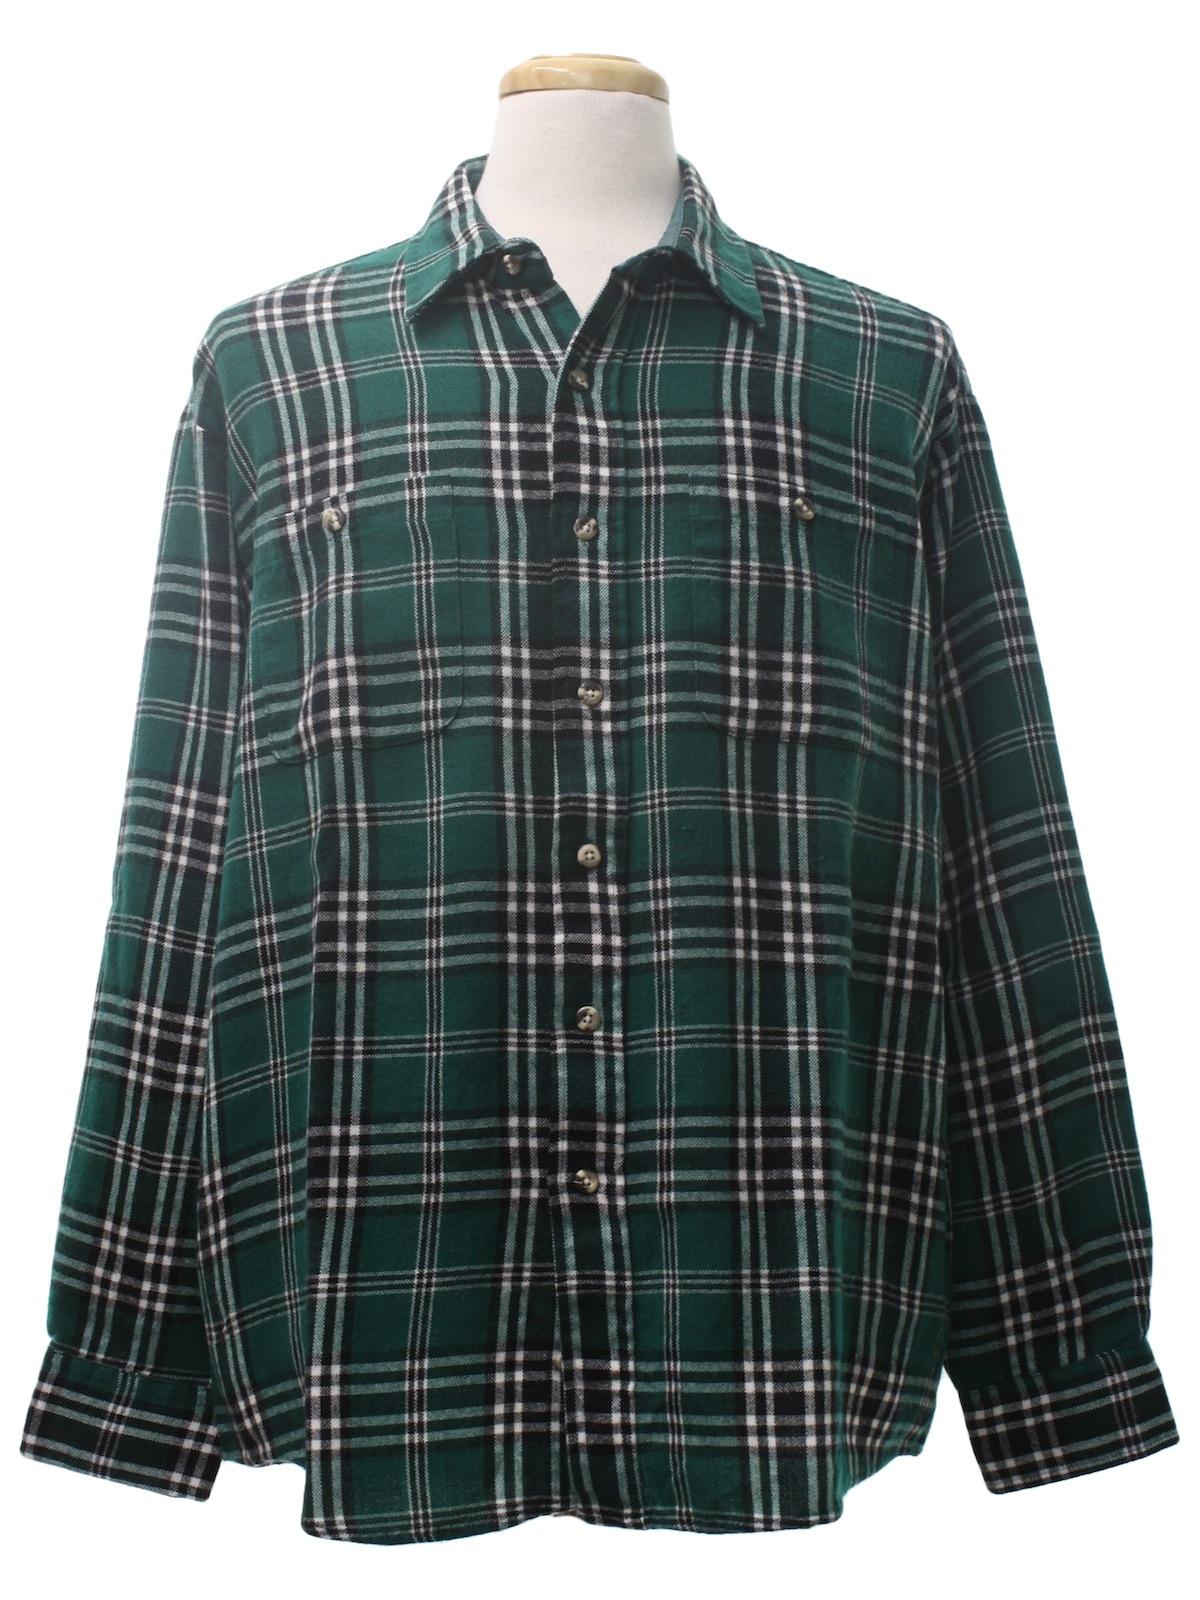 80s Vintage Windridge Shirt 80s Windridge Mens Teal